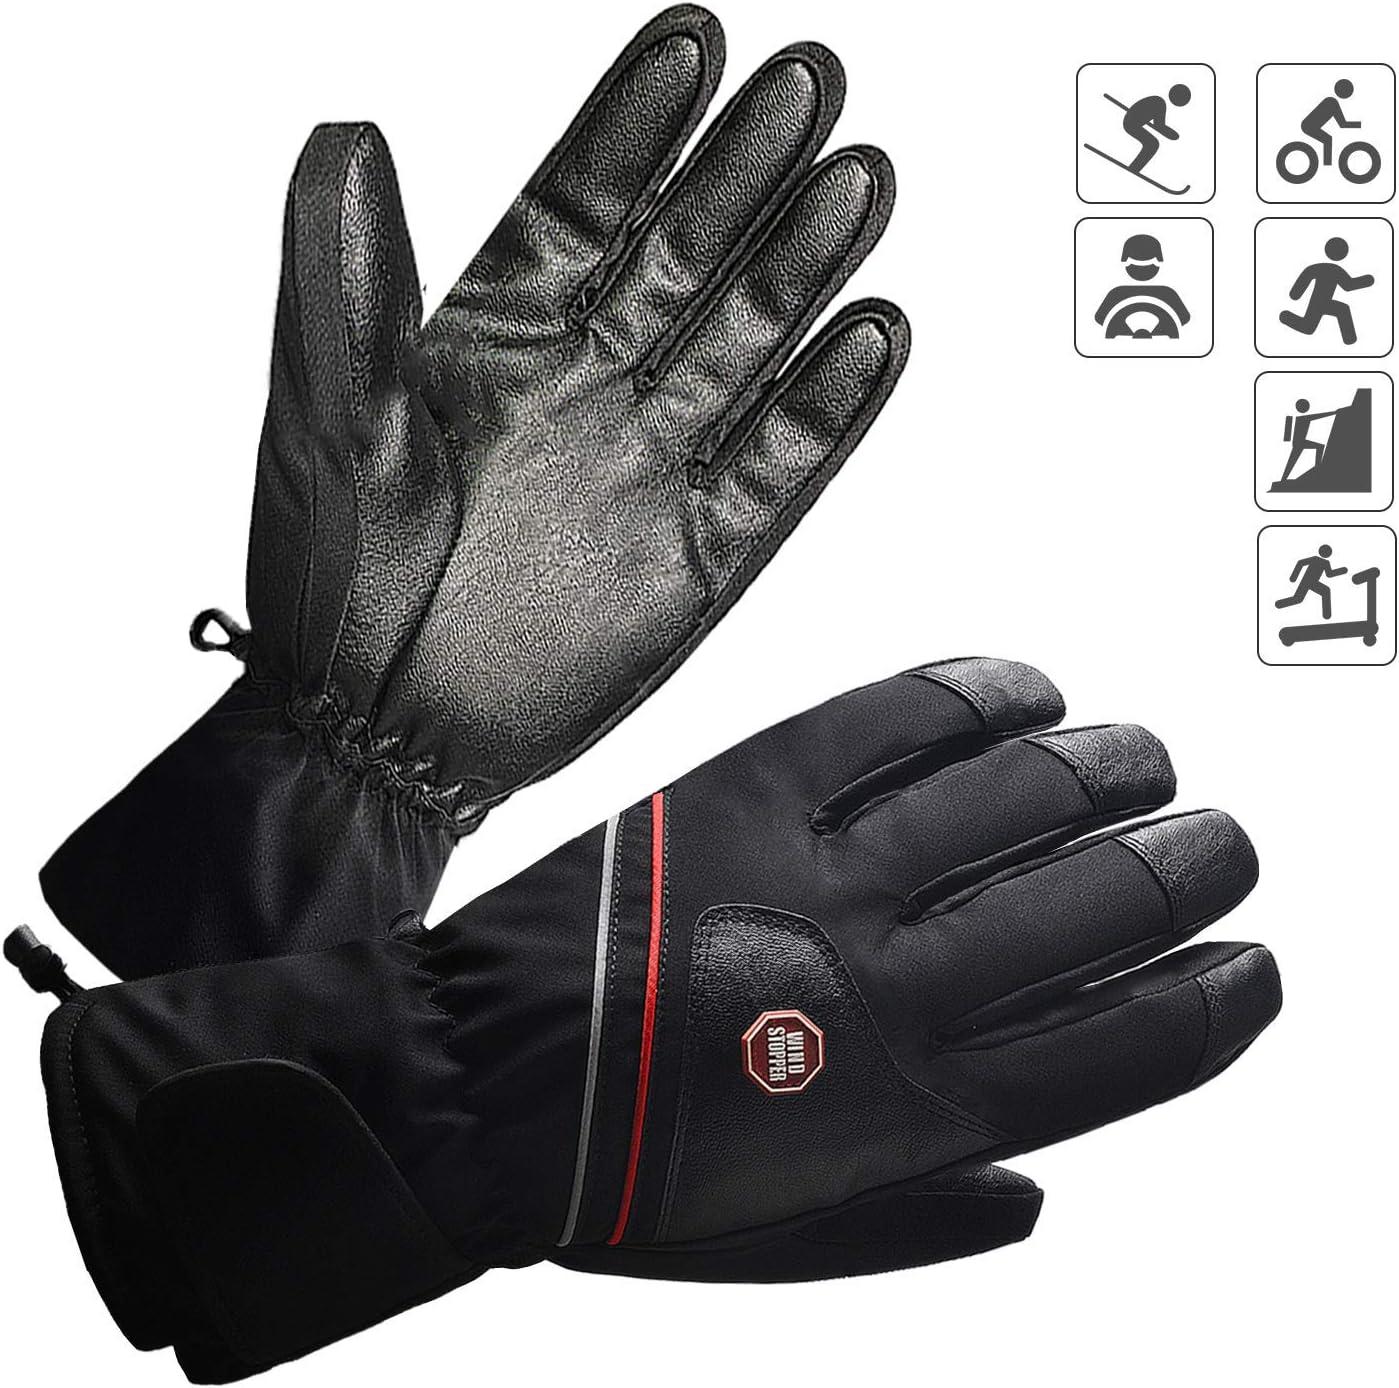 BIAL Fahrradhandschuhe Laufhandschuhe W/ärme Handschuhe Leicht Touchscreen Handschuhe rutschfest Winddicht Fitness Camping Wandern Reiten Bergsteigen Winter Sport Handschuhe Damen Herren